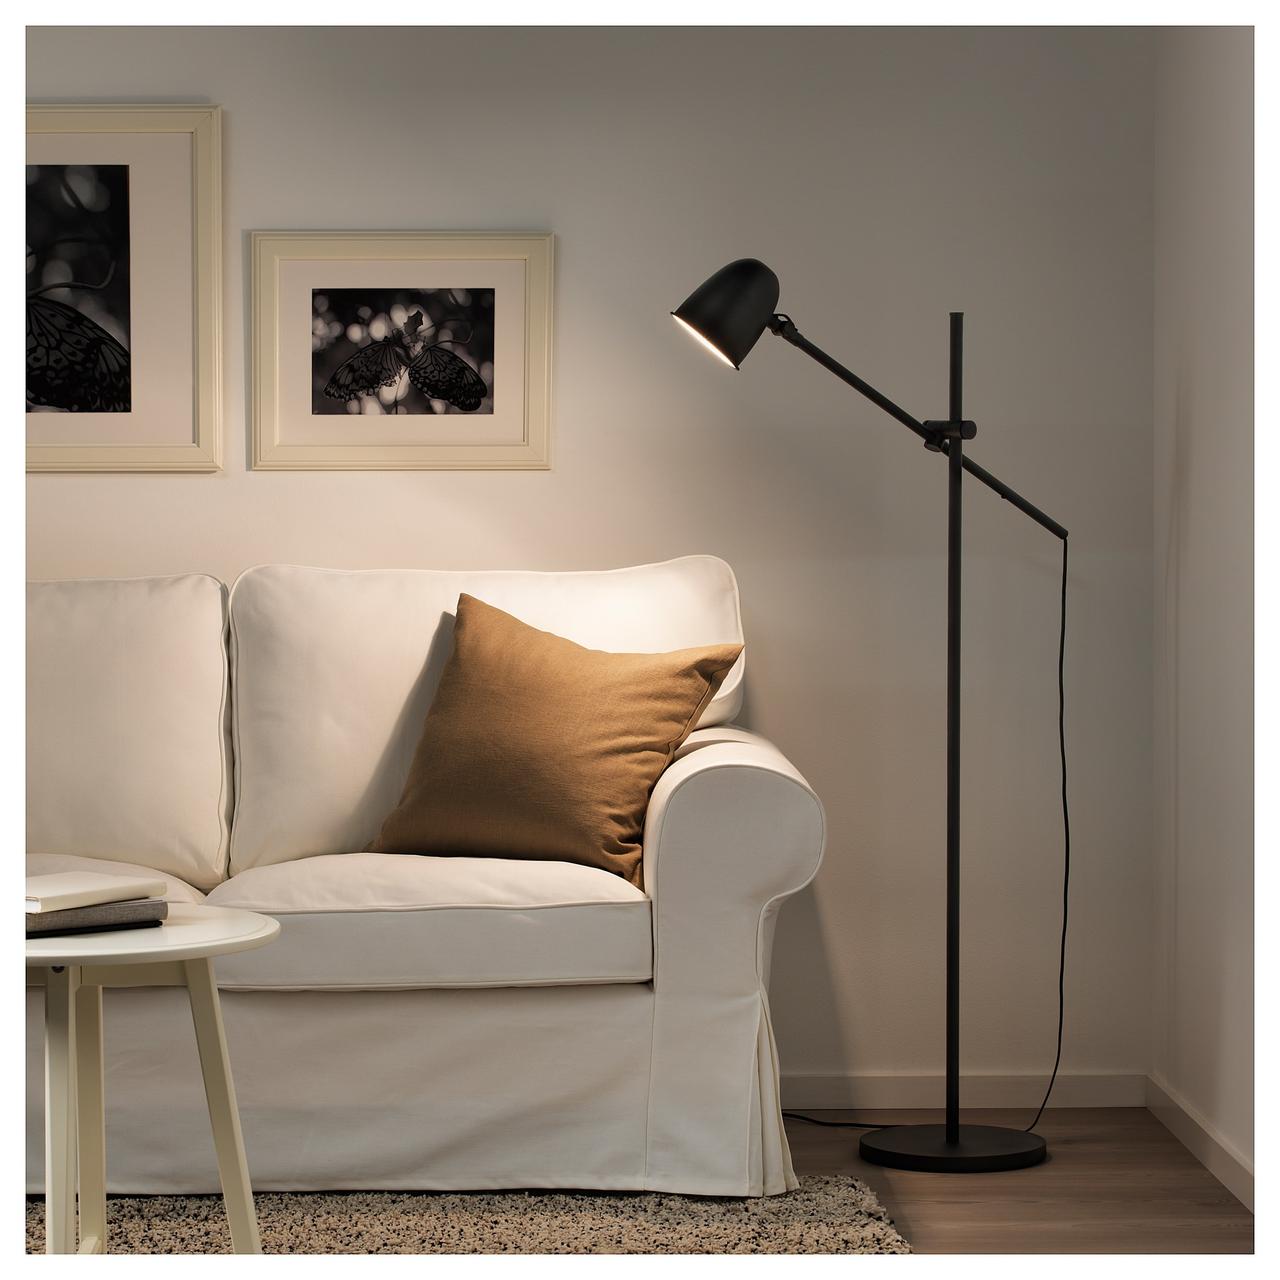 Підлогова лампа SKURUP для читання